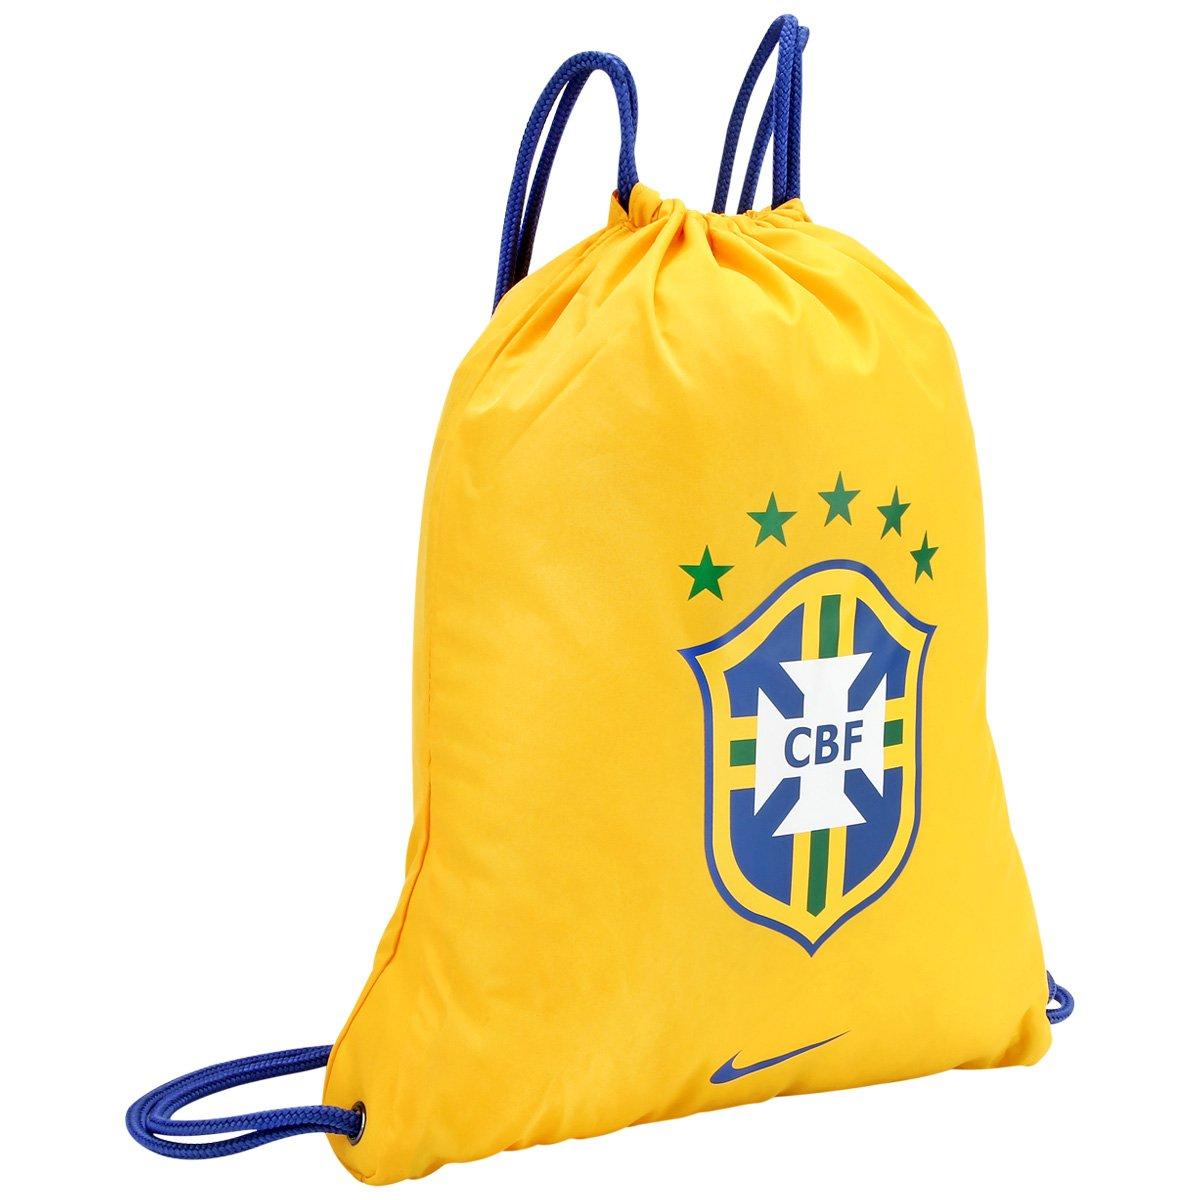 Sacola Nike Allegiance Seleção Brasil 2.0 - Compre Agora  ea0ae7e639439